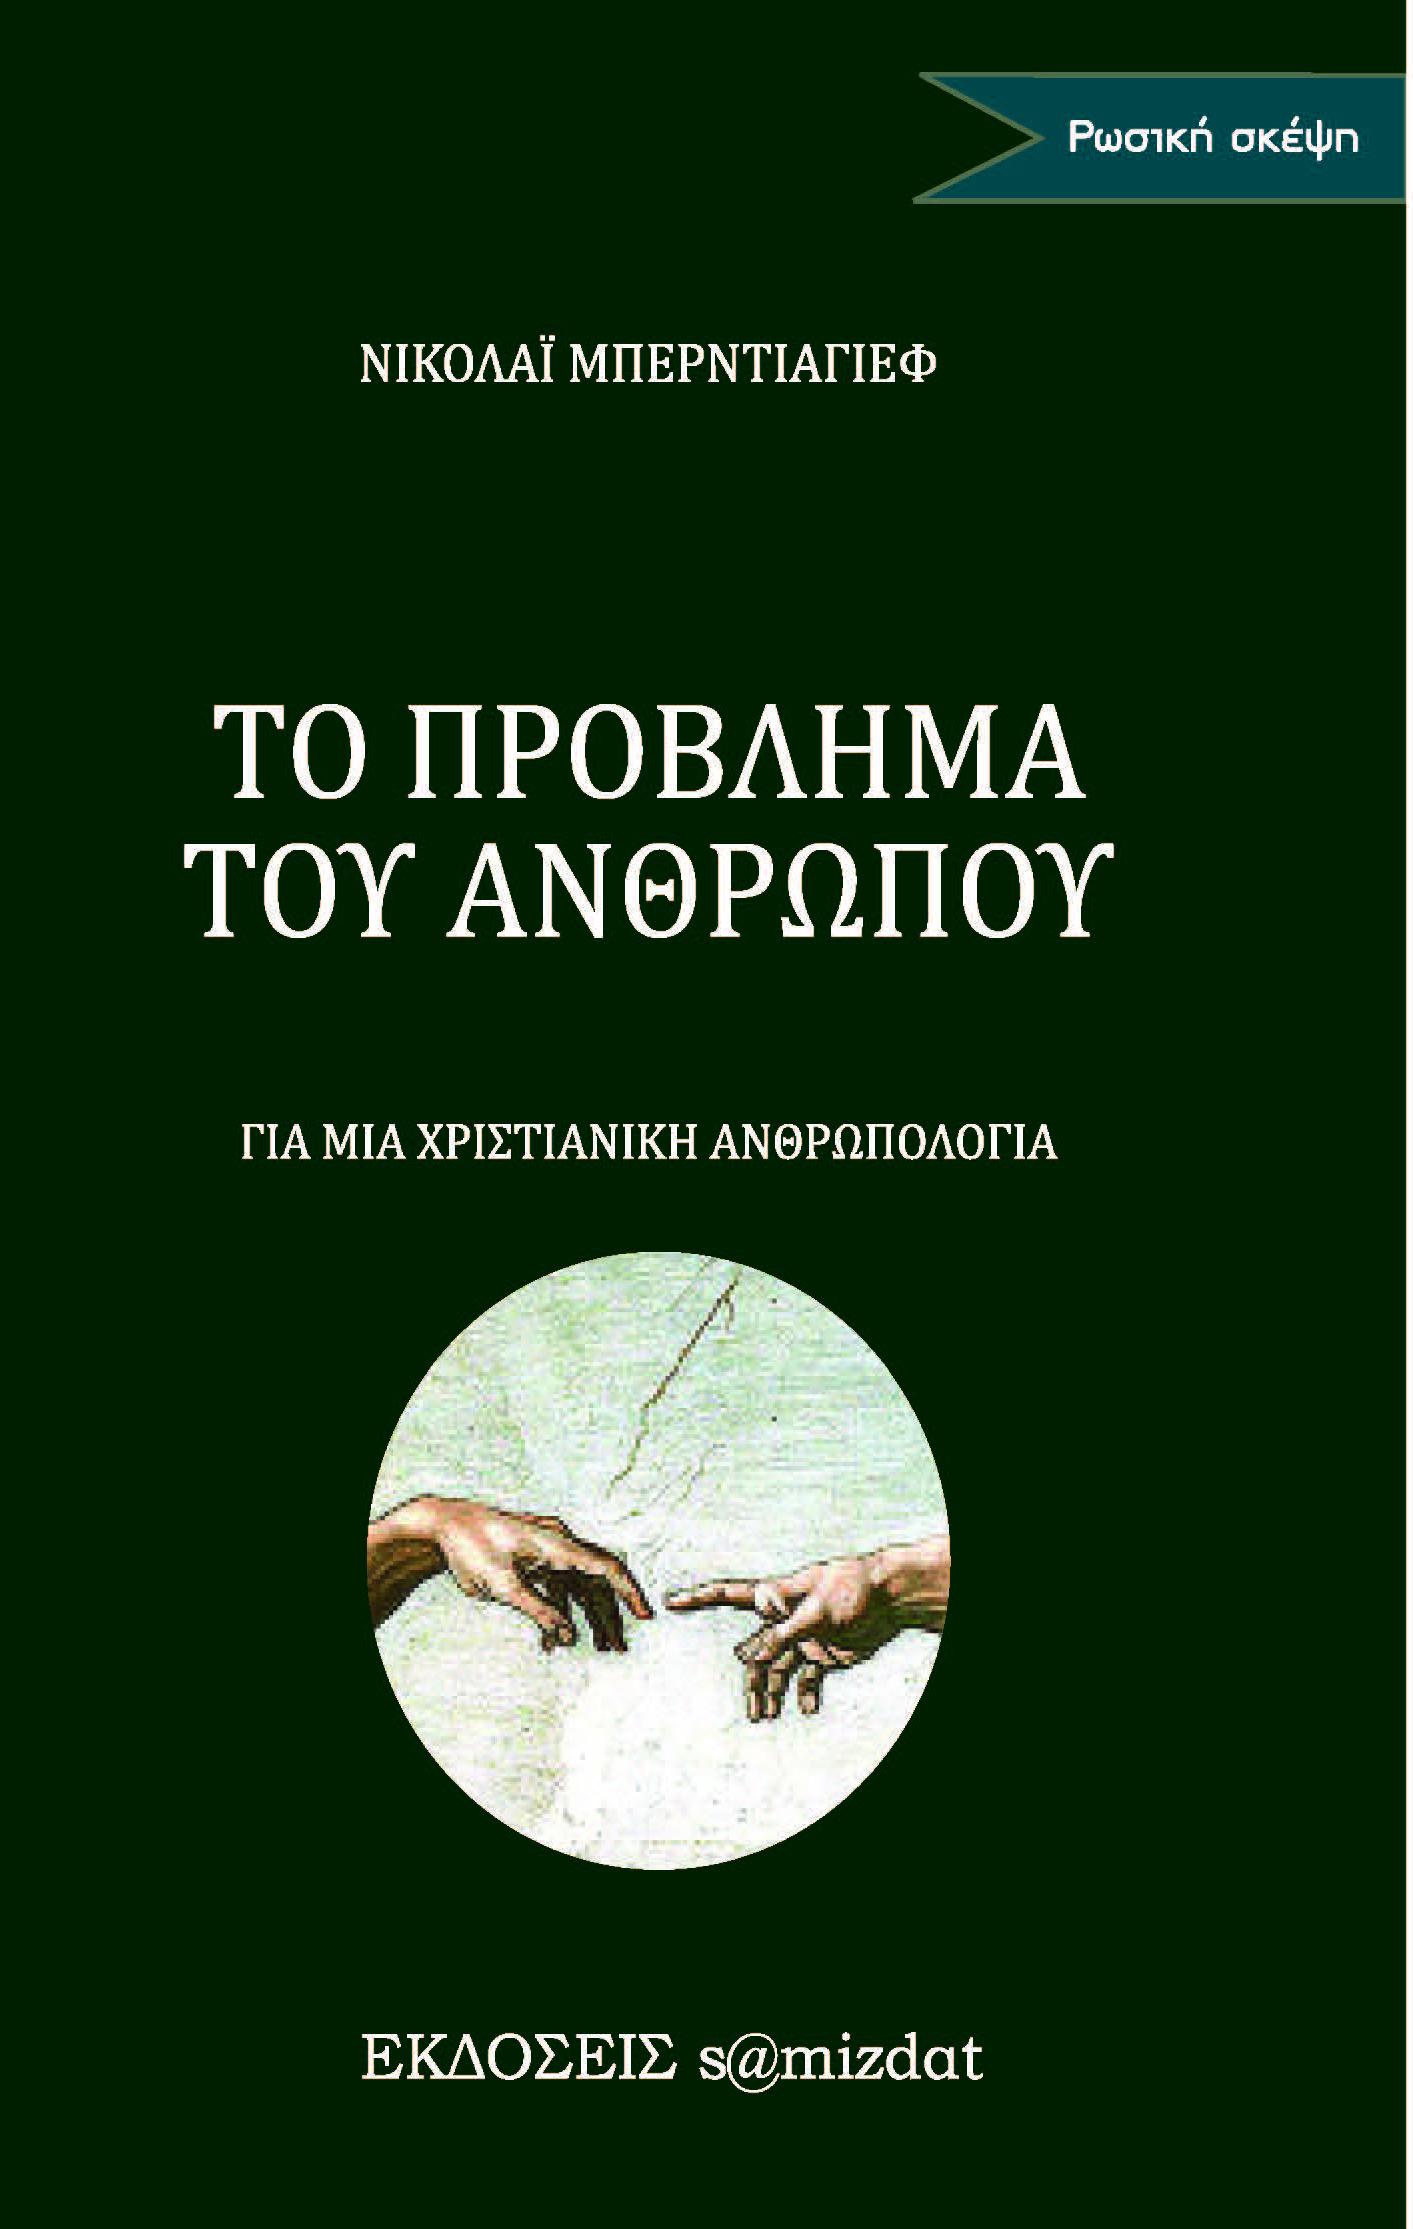 Νικολάι Μπερντιάγιεφ Το πρόβλημα του ανθρώπου – Για μία χριστιανική ανθρωπολογία